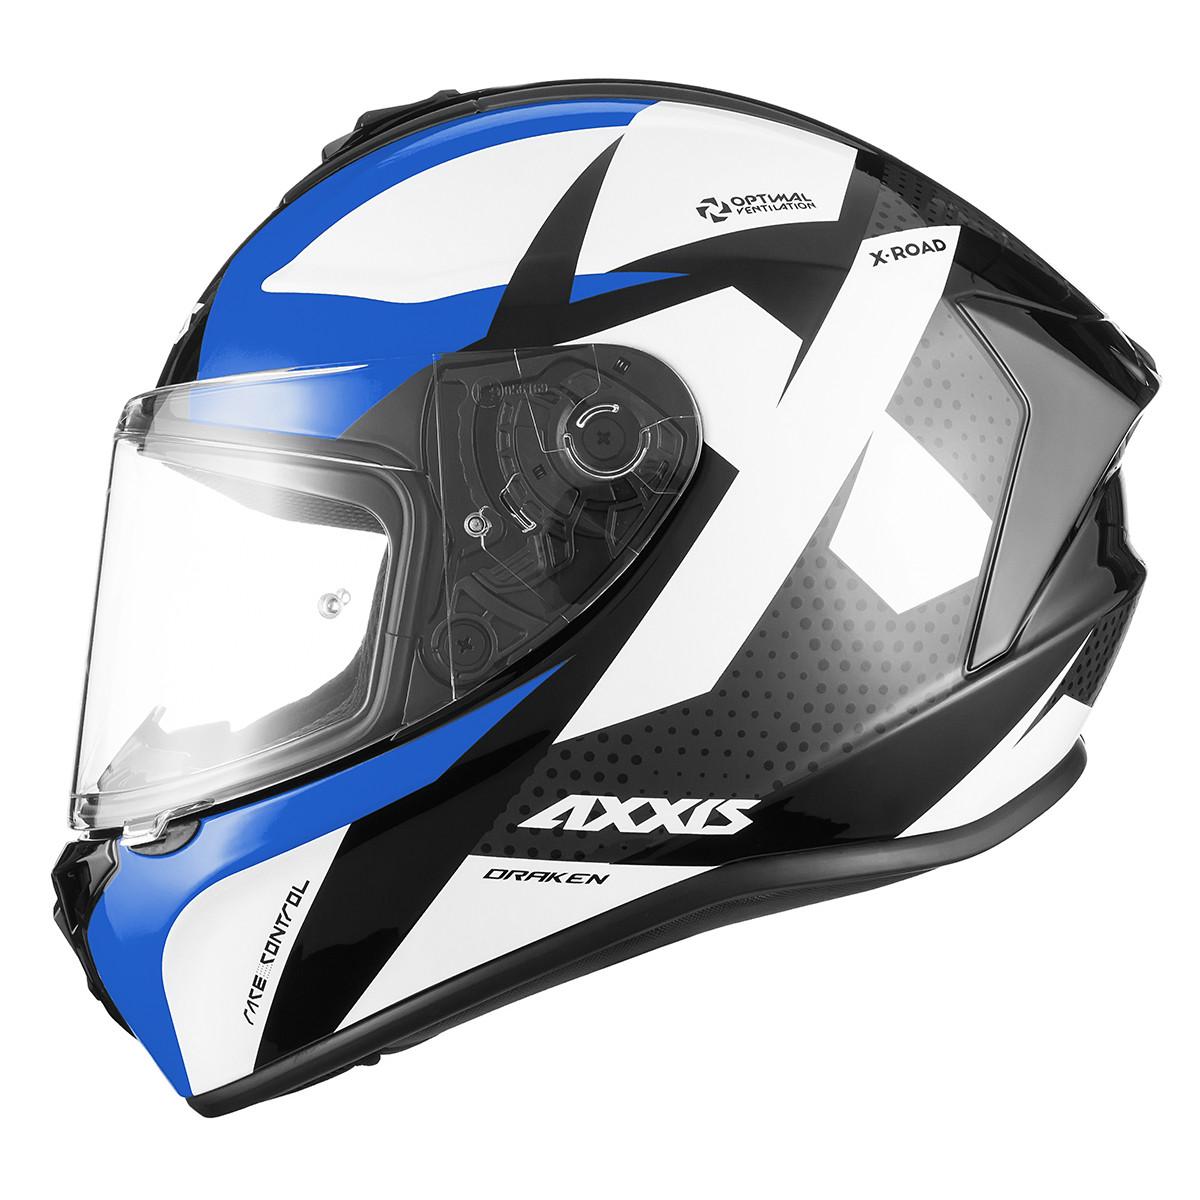 Casco Integral Axxis Draken X-road B1 Azul